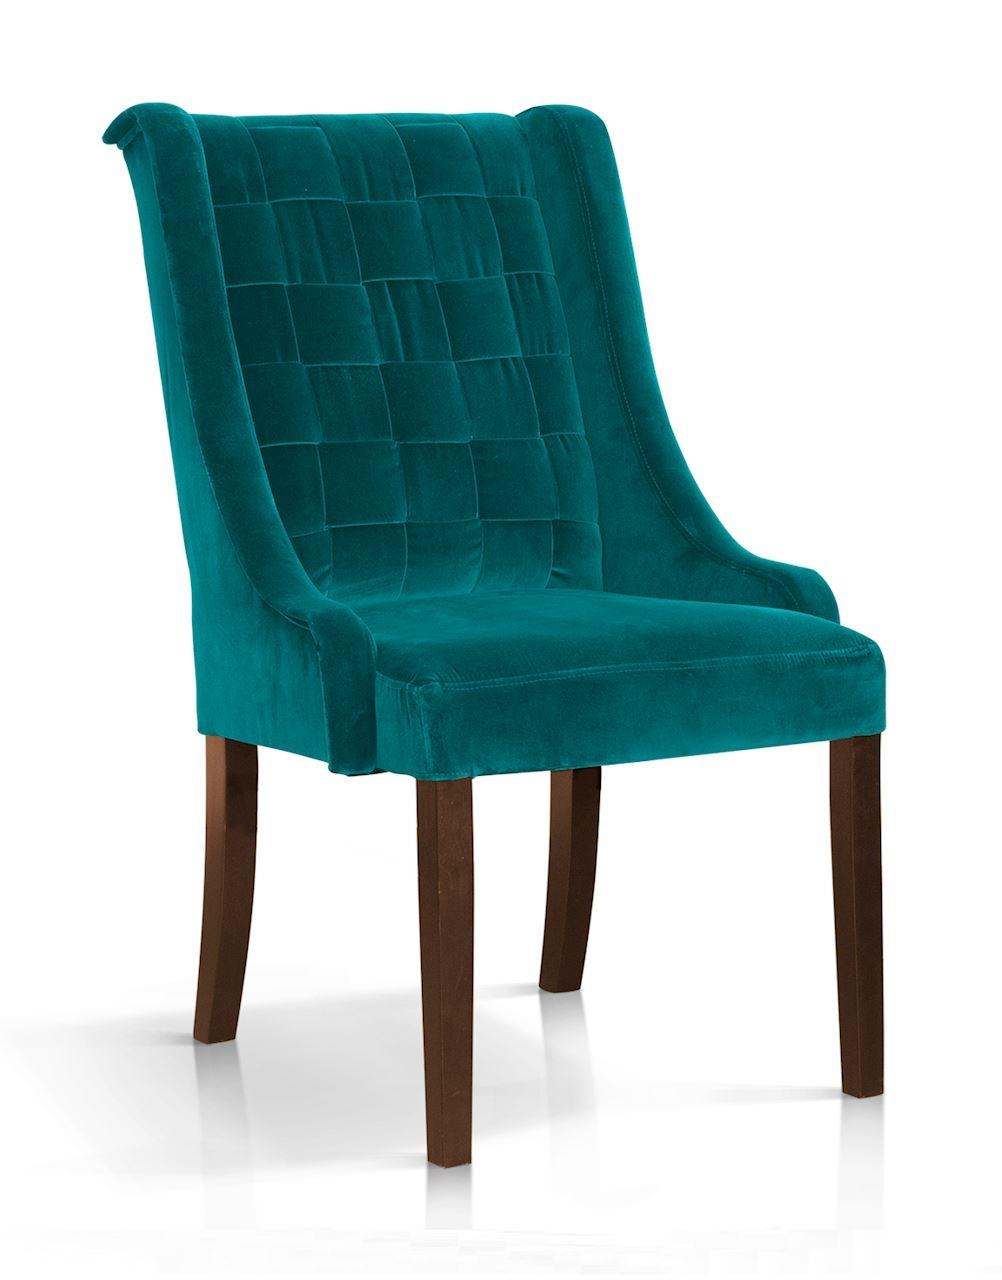 Scaun tapitat cu stofa, cu picioare din lemn Prince Turcoaz / Nuc, l55xA70xH105 cm